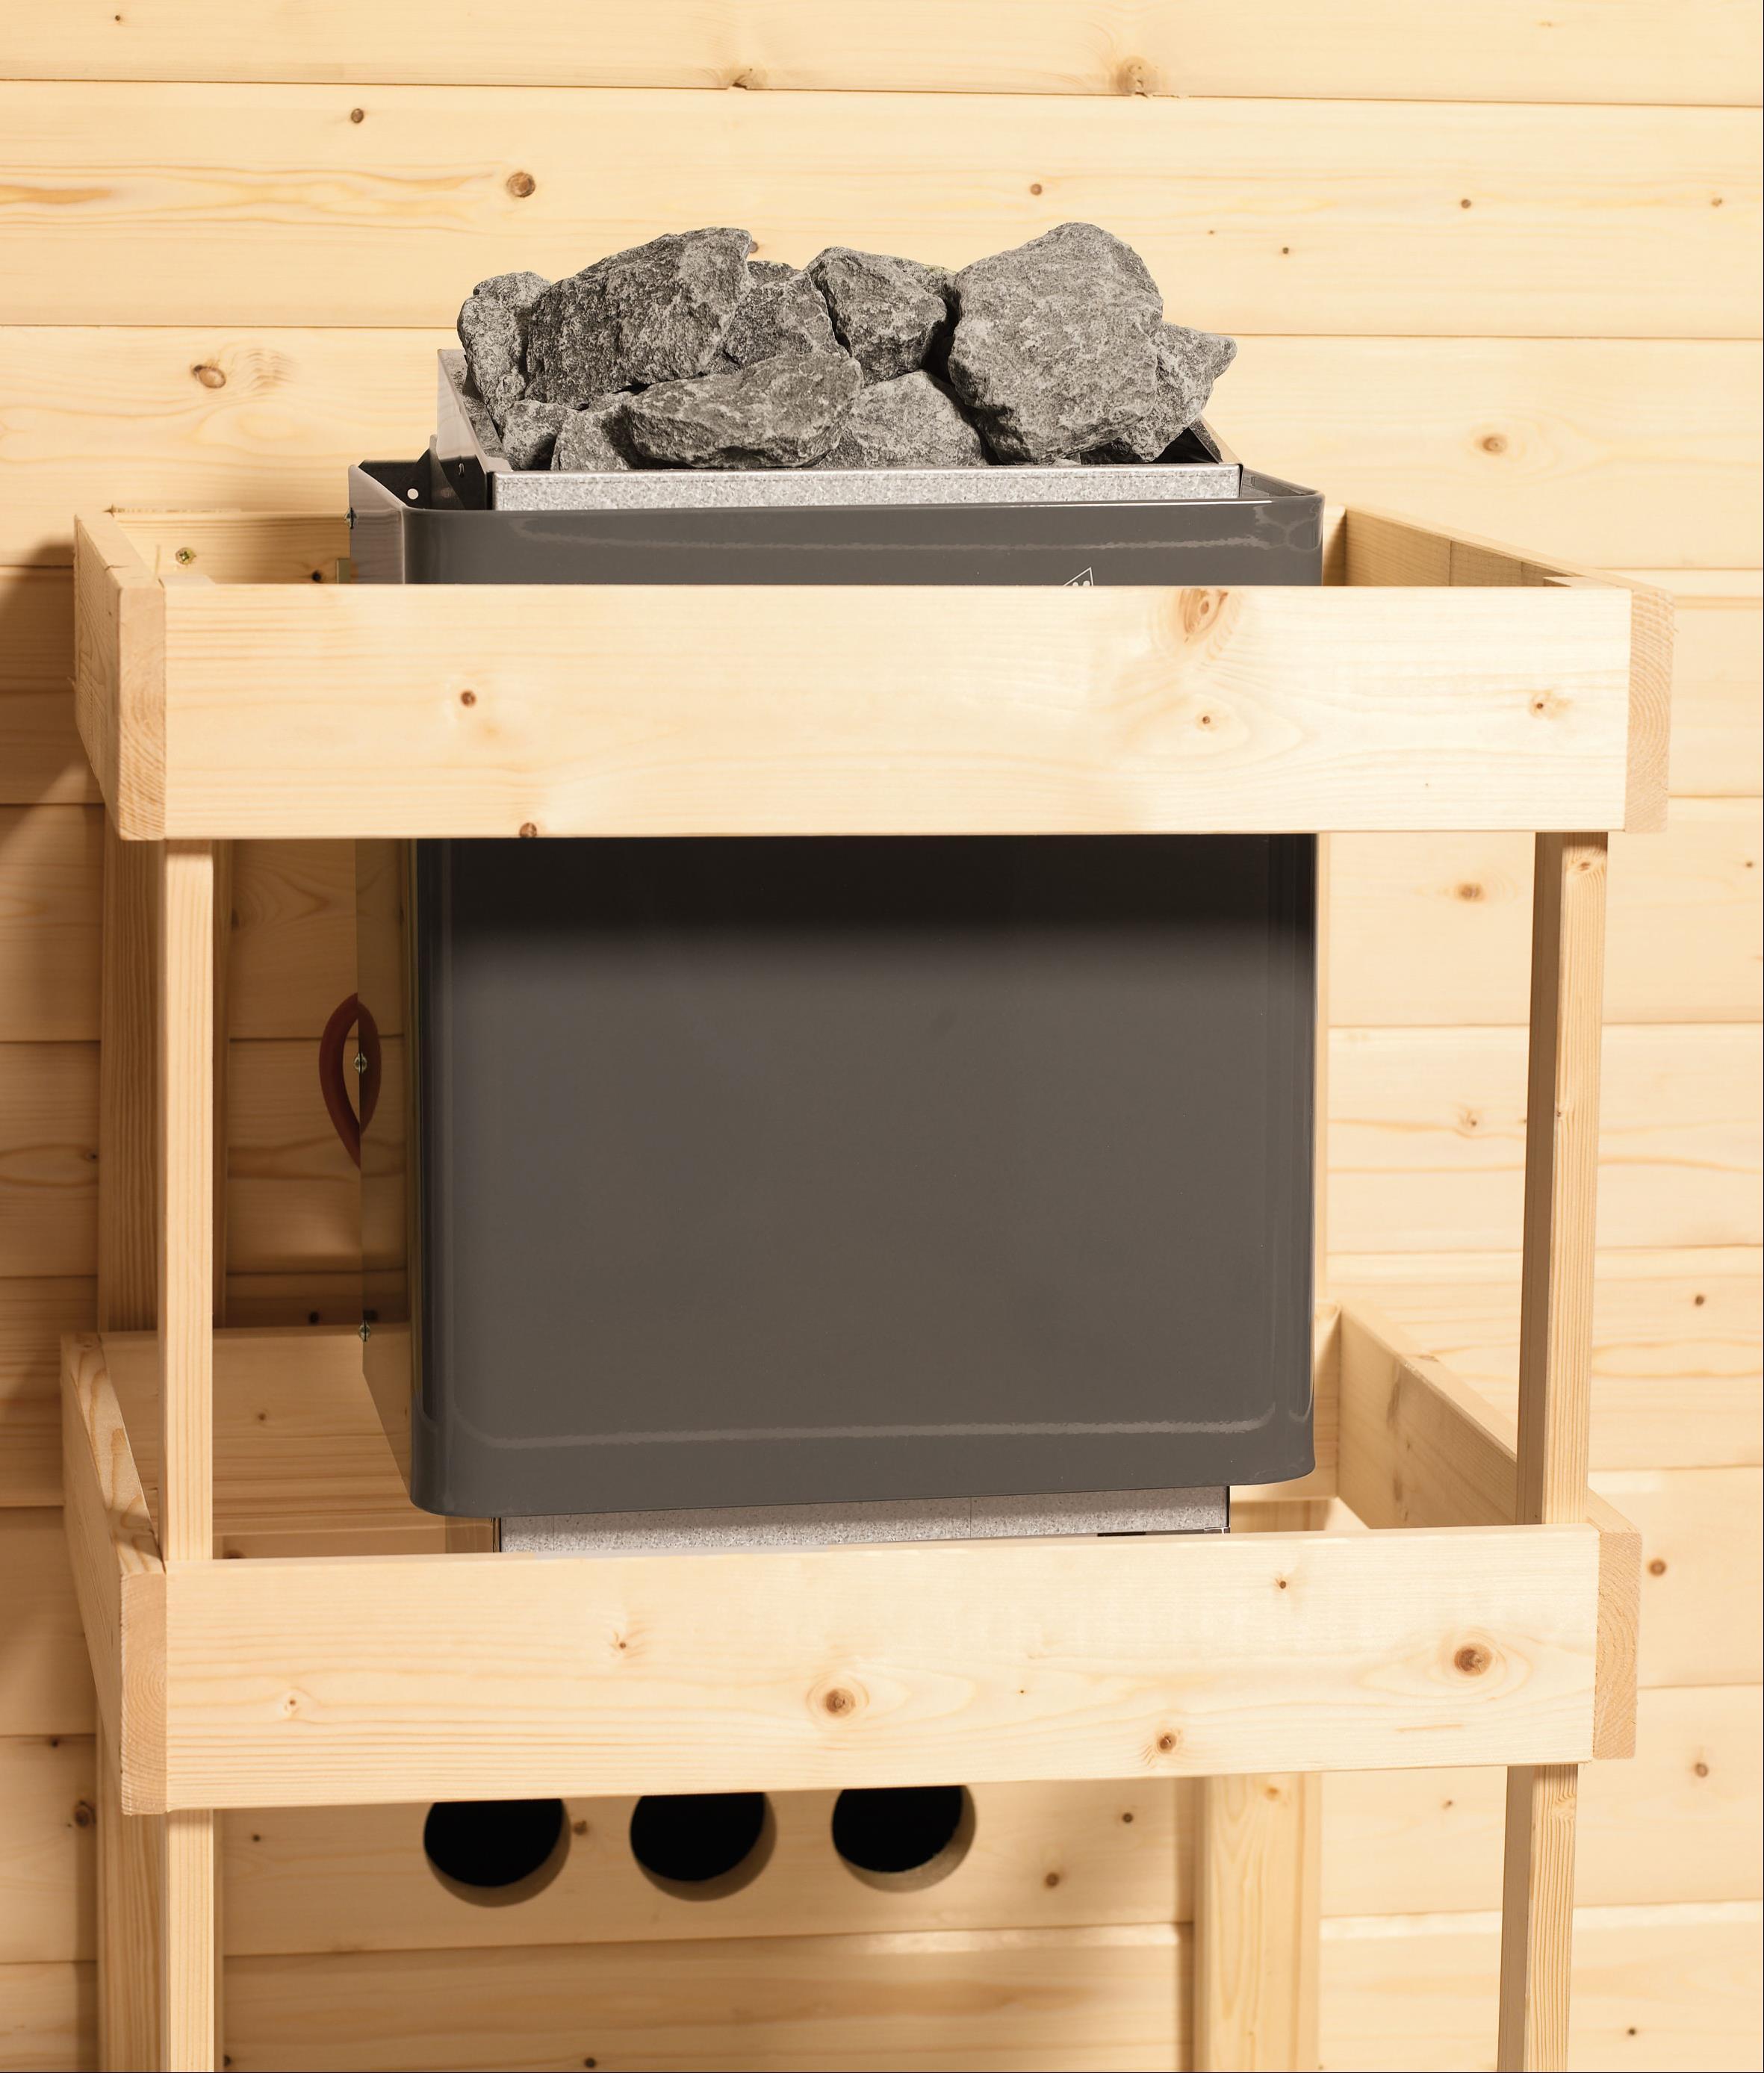 Gartensauna Karibu Saunahaus Norge 38mm ohne Ofen Tür modern Bild 6